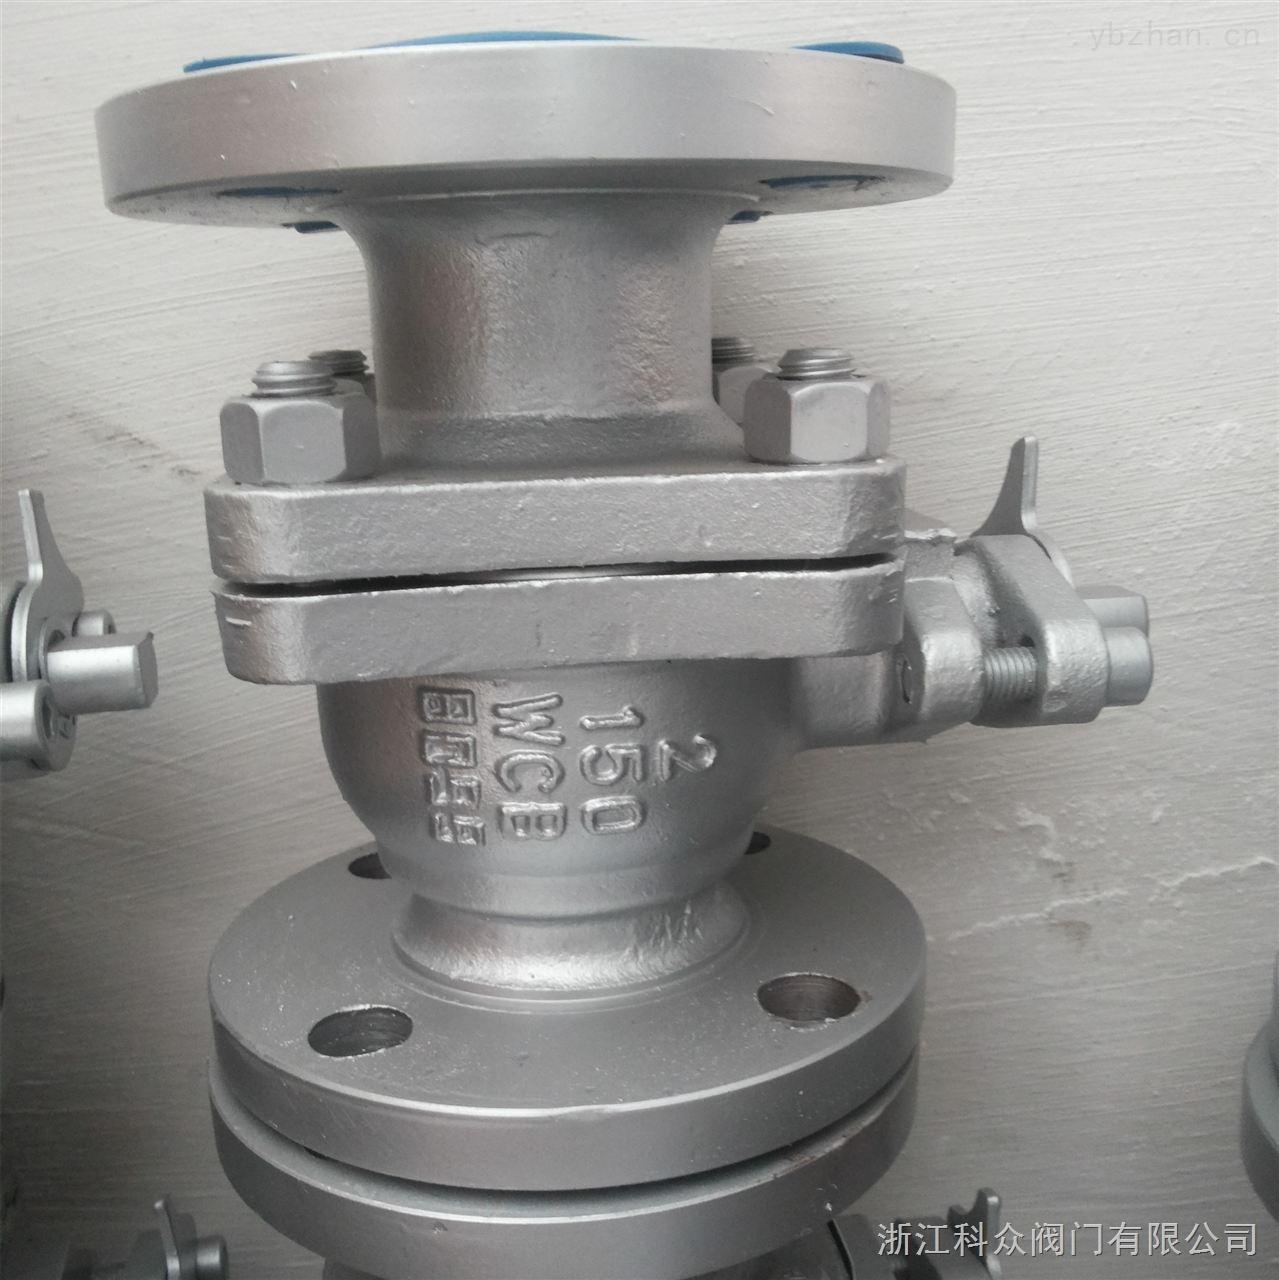 Q41H/Y-150LB-600LB-美标硬密封法兰球阀